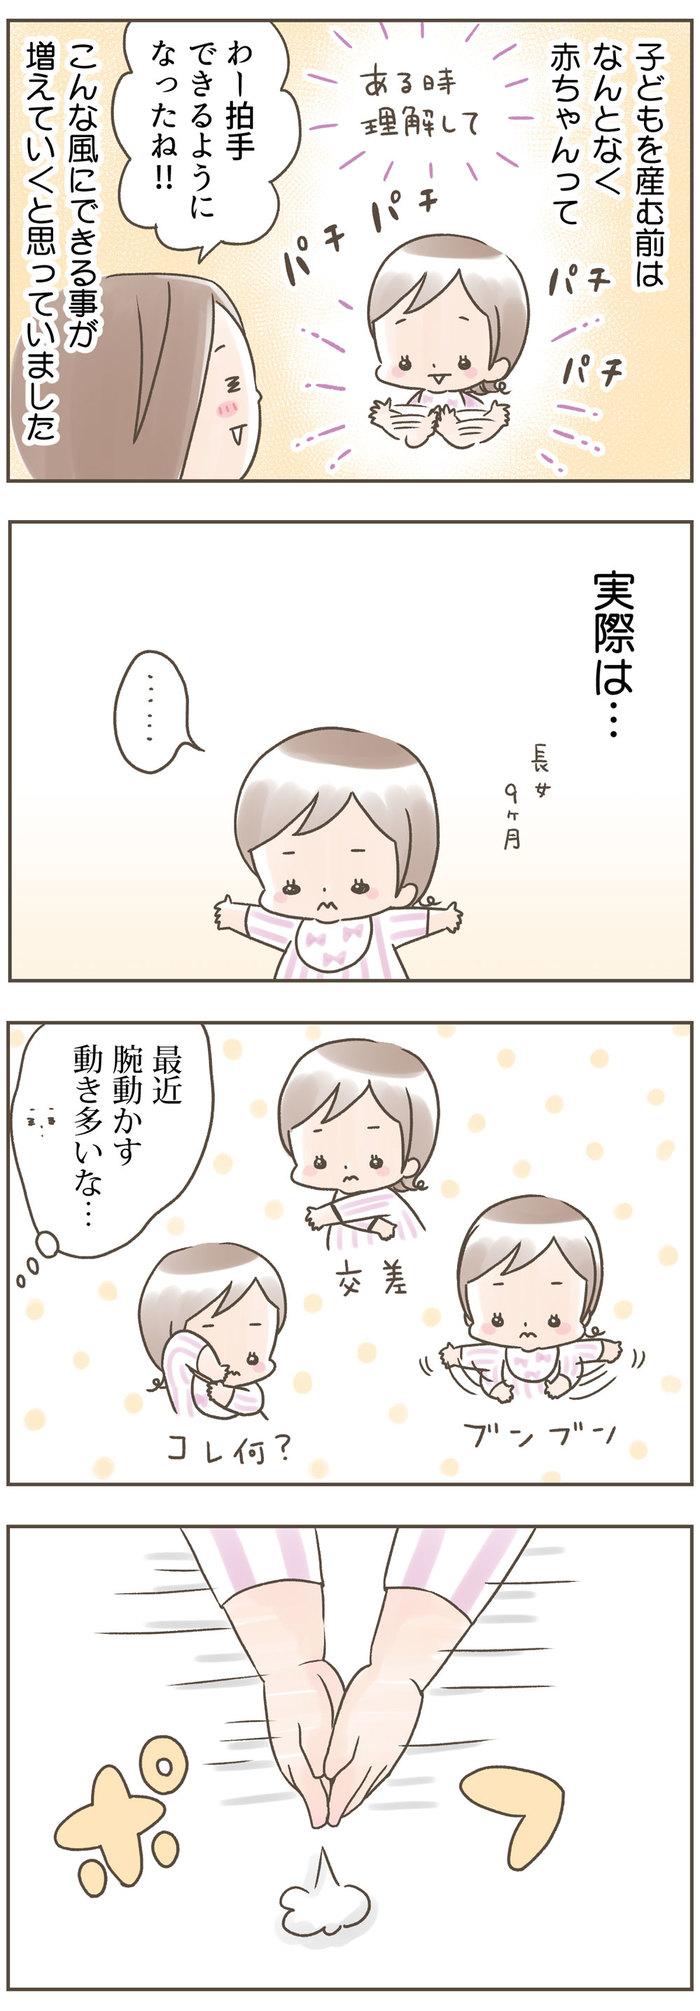 """この動きは何につながる…?赤ちゃんの""""トライアル&エラー""""がとてもかわいい!の画像1"""